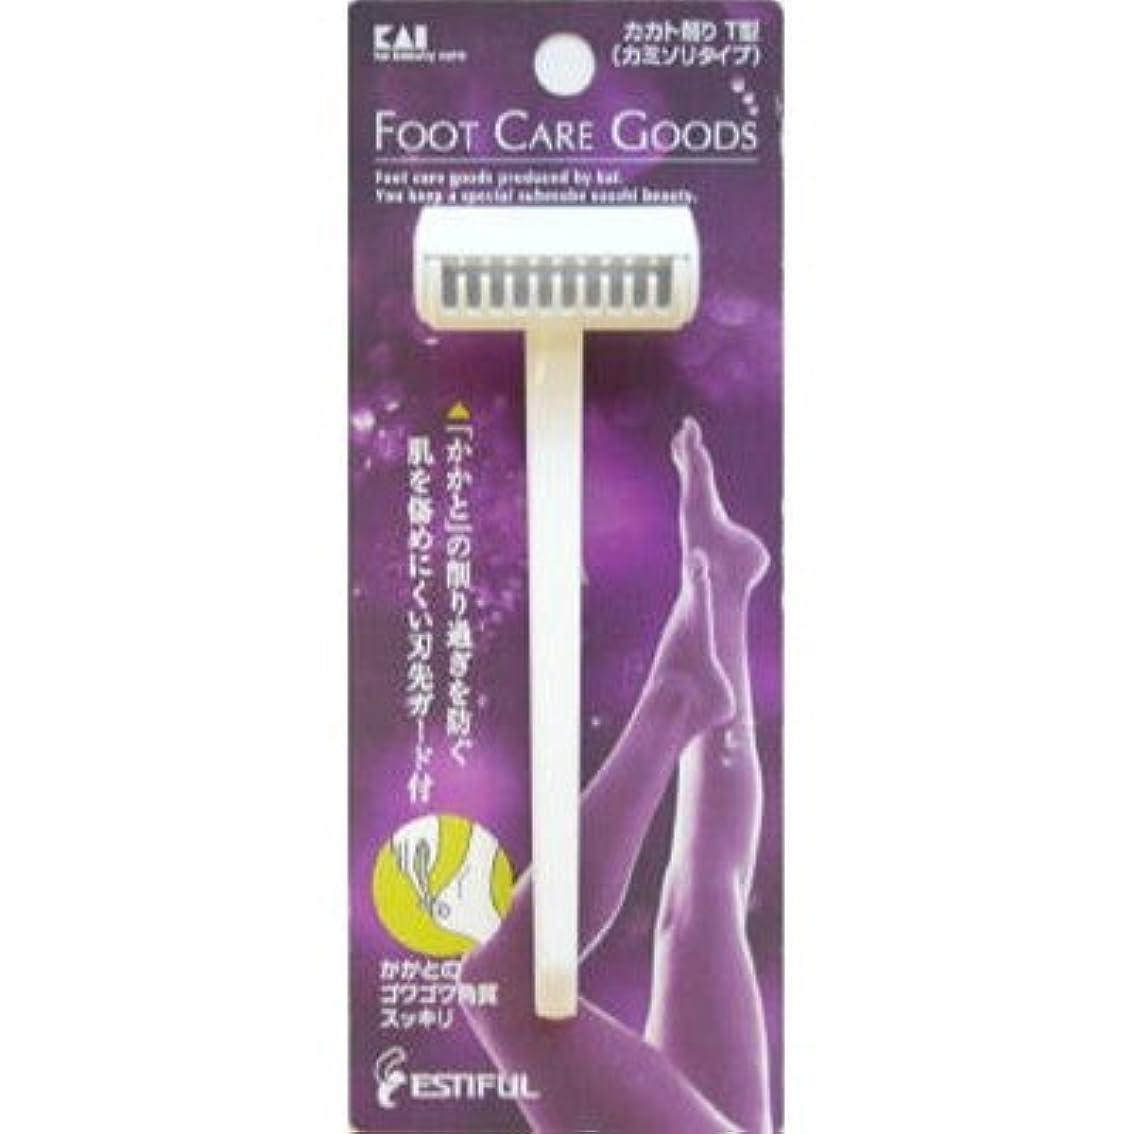 死にかけている魔術実行貝印HB0305 カカト削りT型(カミソリタイプ)【6個パック】